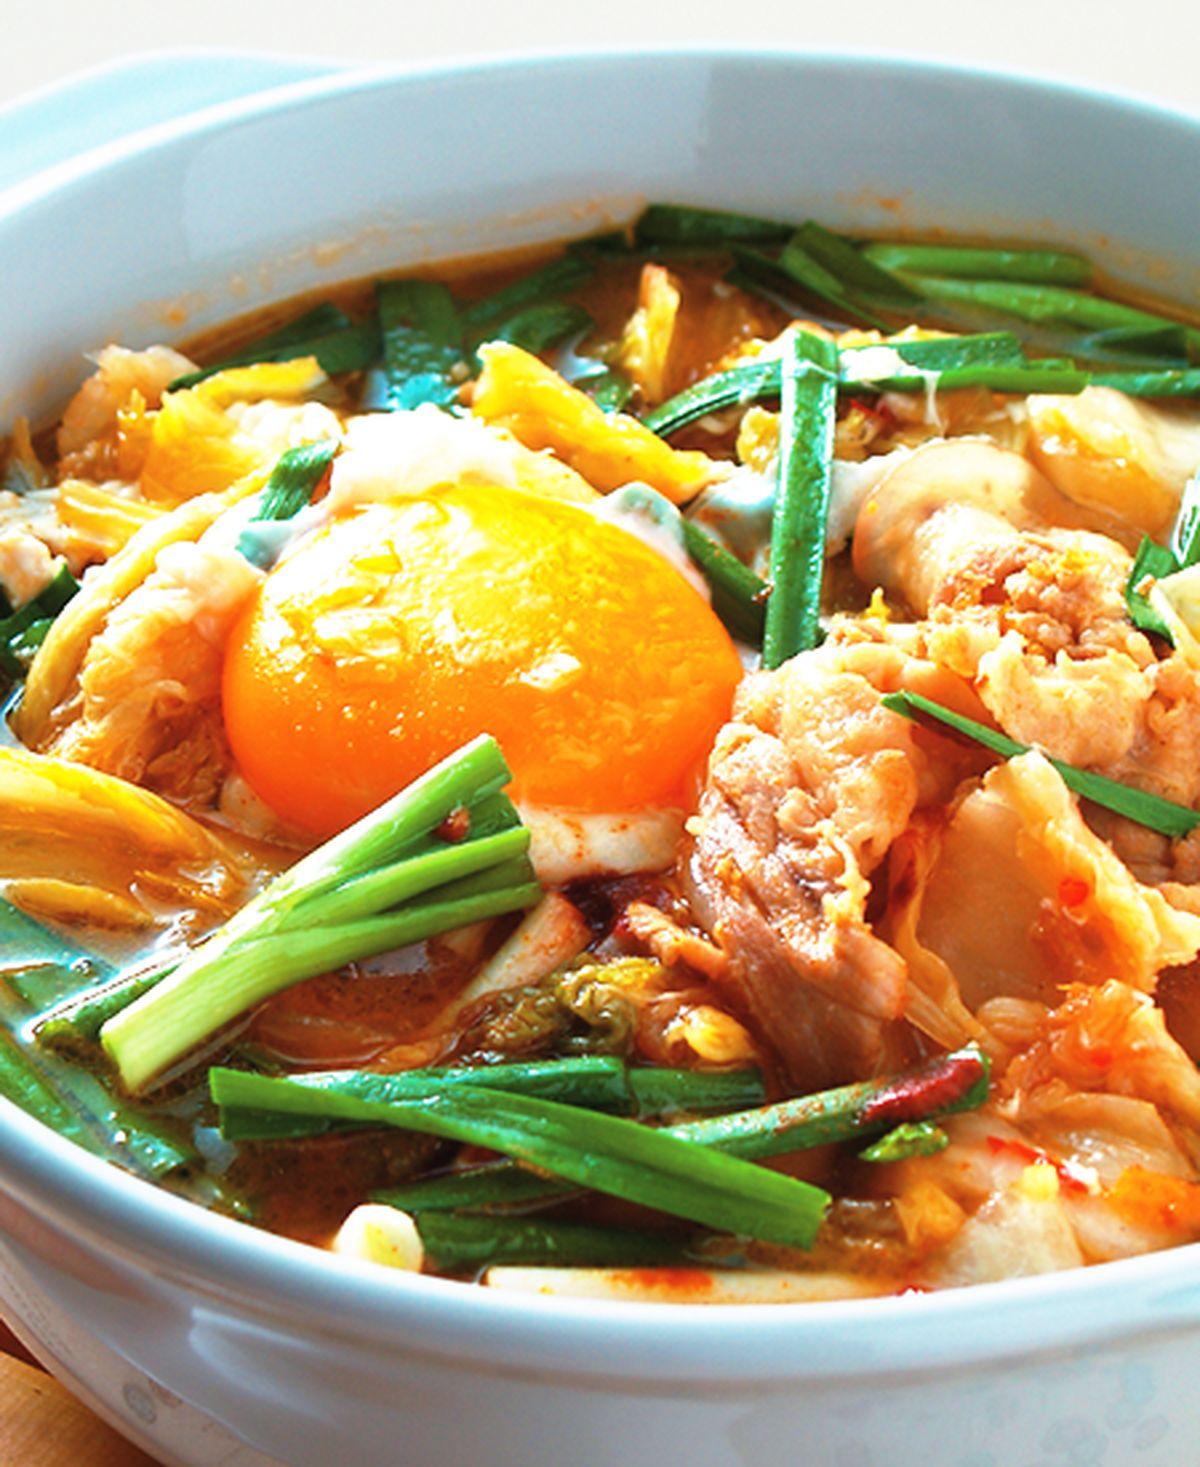 食譜:泡菜豆腐豬肉鍋